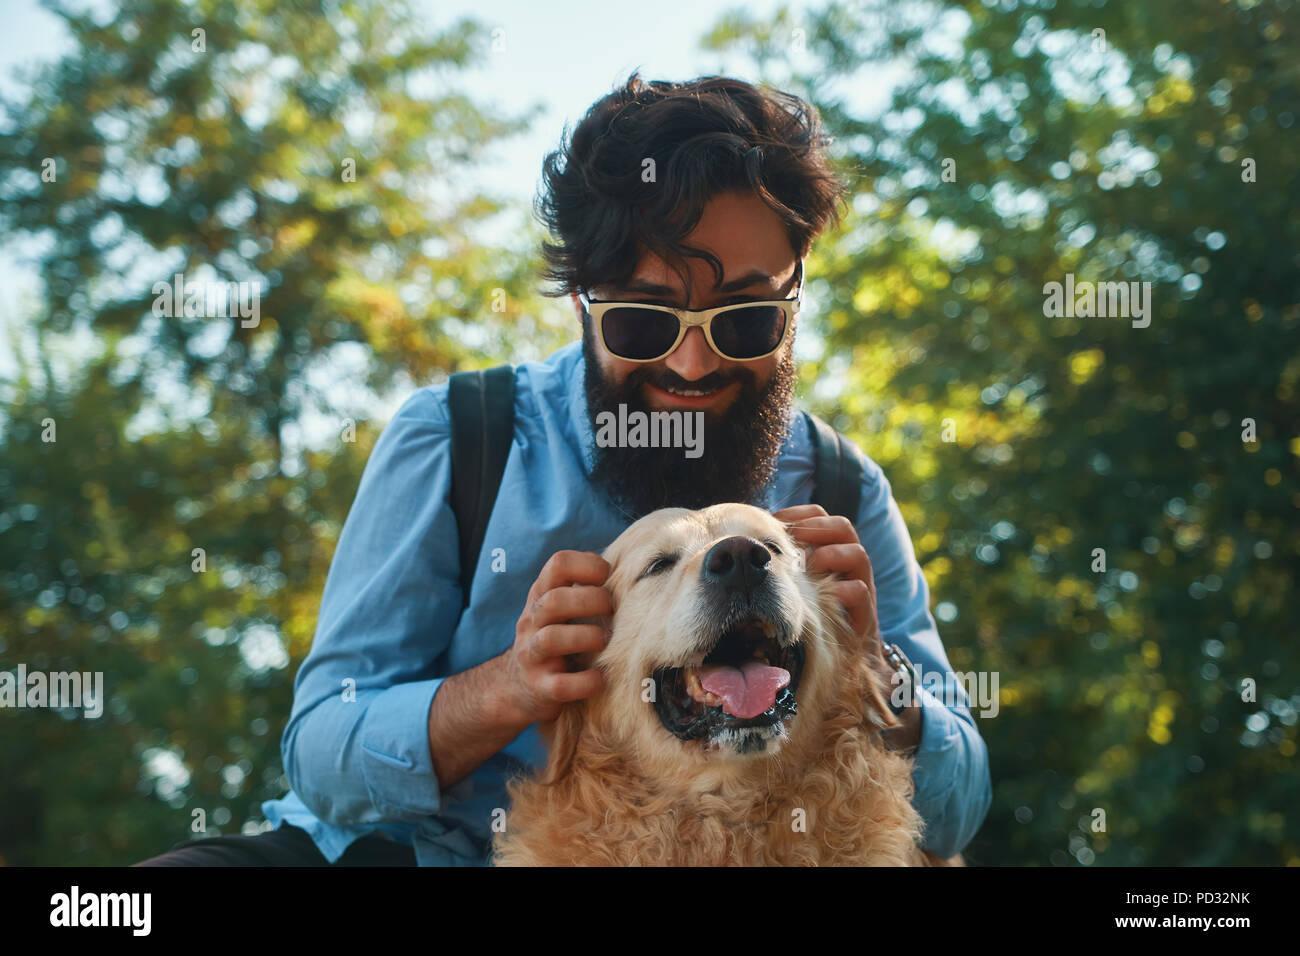 Mensch und Hund Spaß, Spielen, machen lustige Gesichter während Restin Stockbild